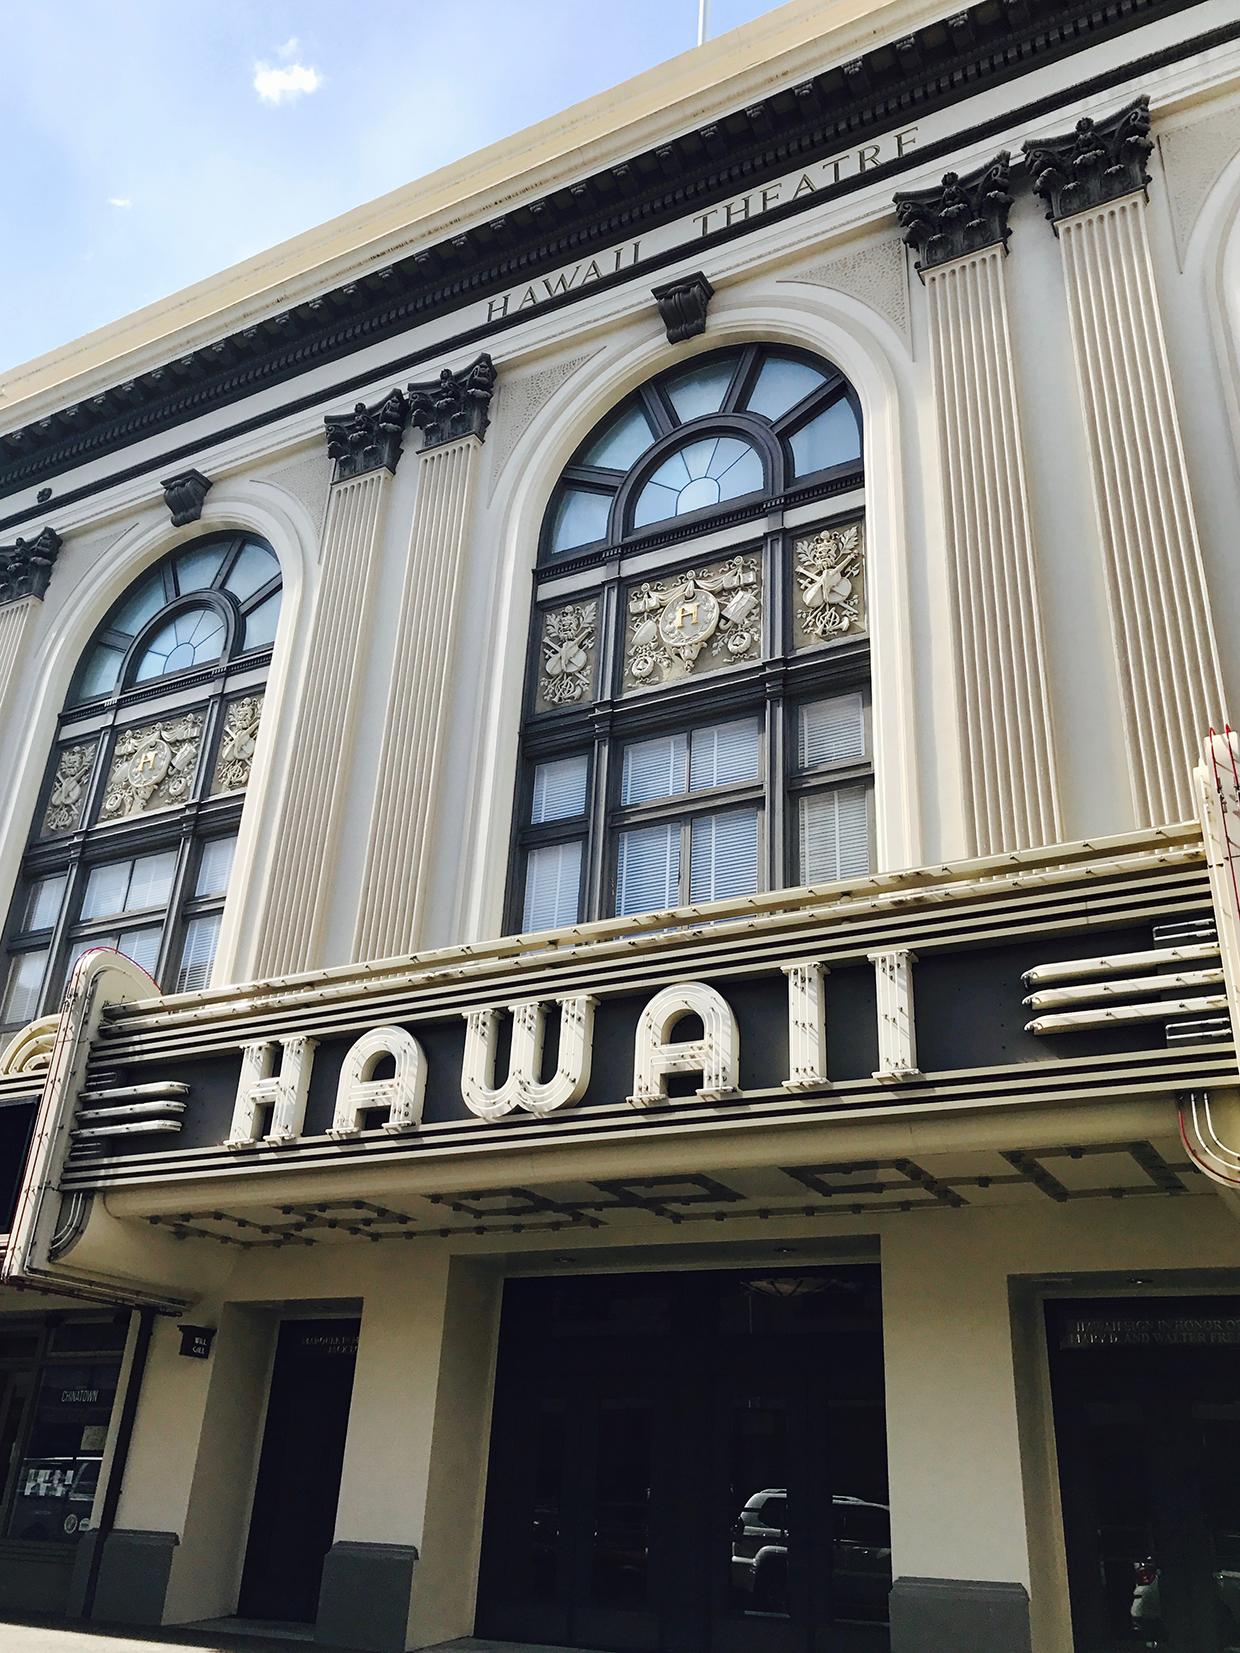 hawaiisign.jpg